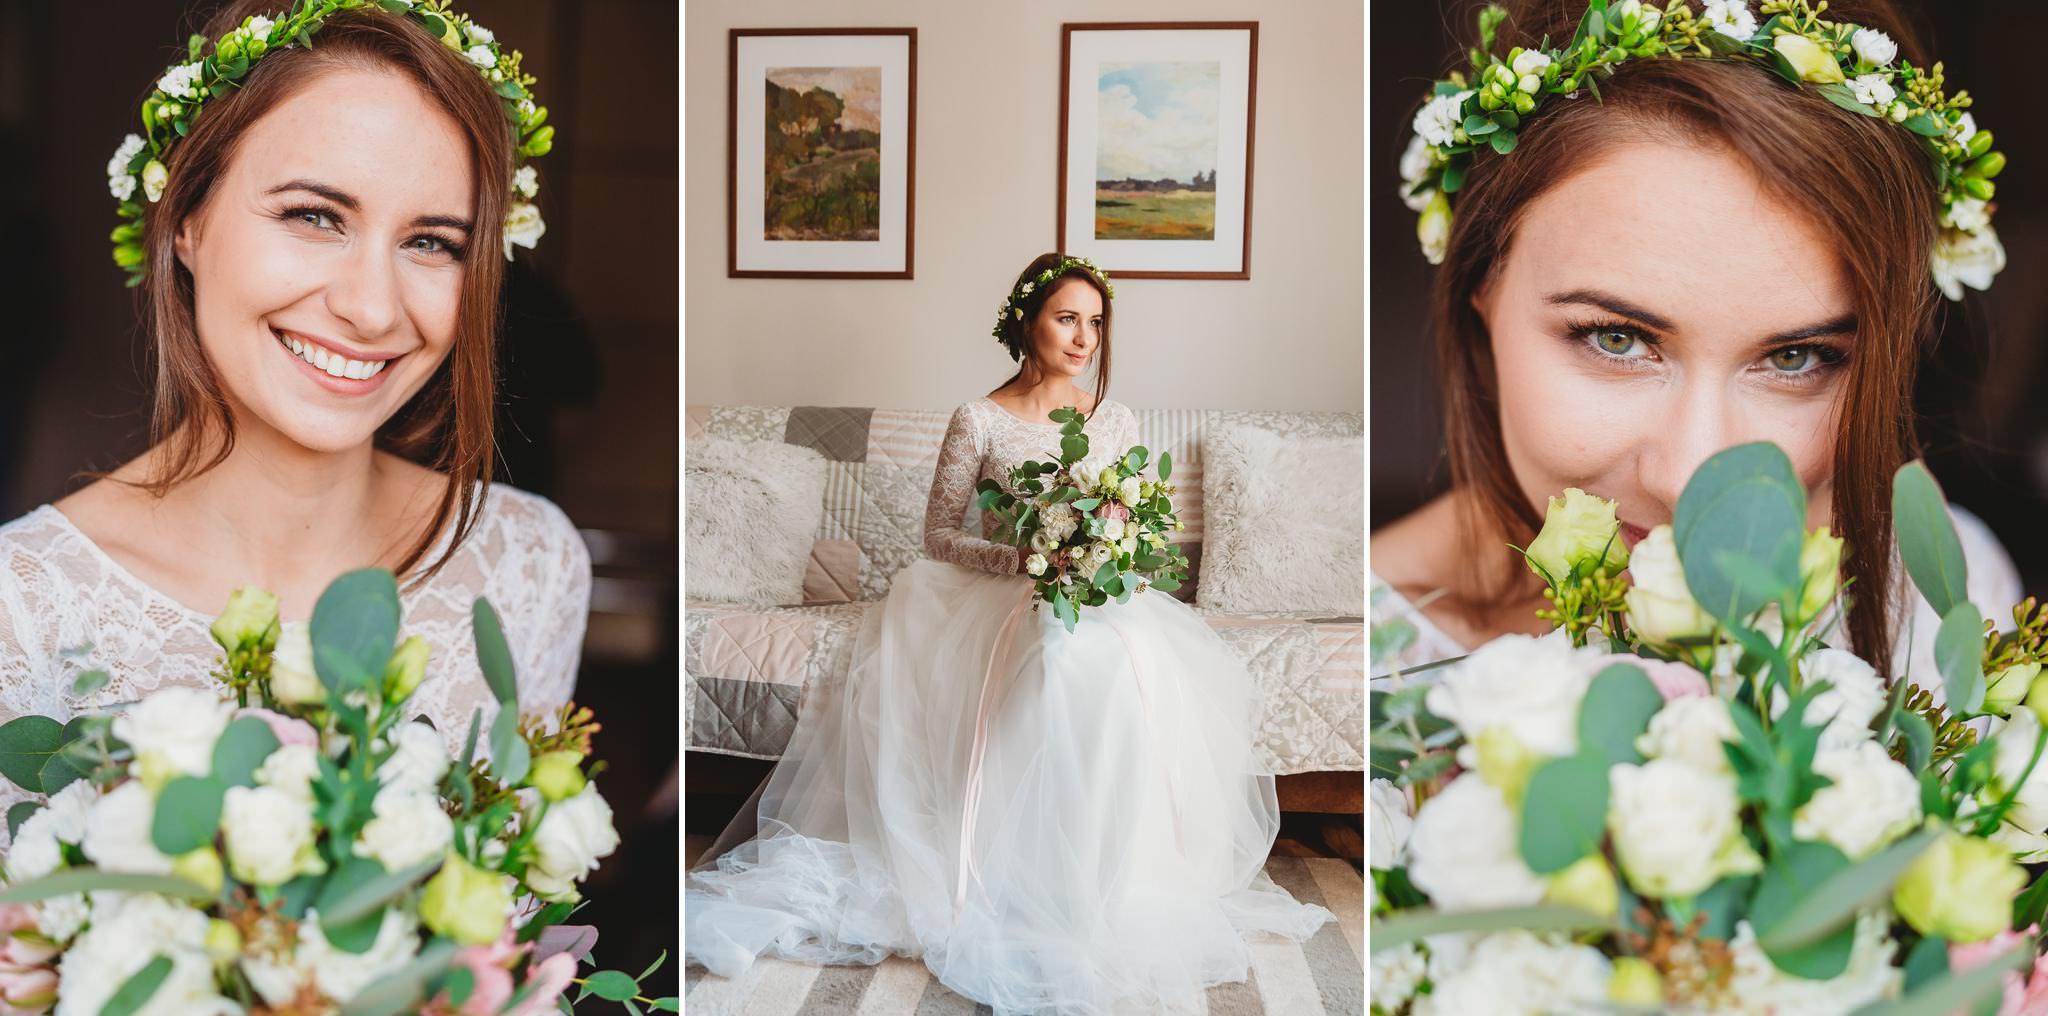 Fantastyczny ślub w stylu rustykalnym, wesele w Kapitańskiej  fotograf ślubny Konin 63